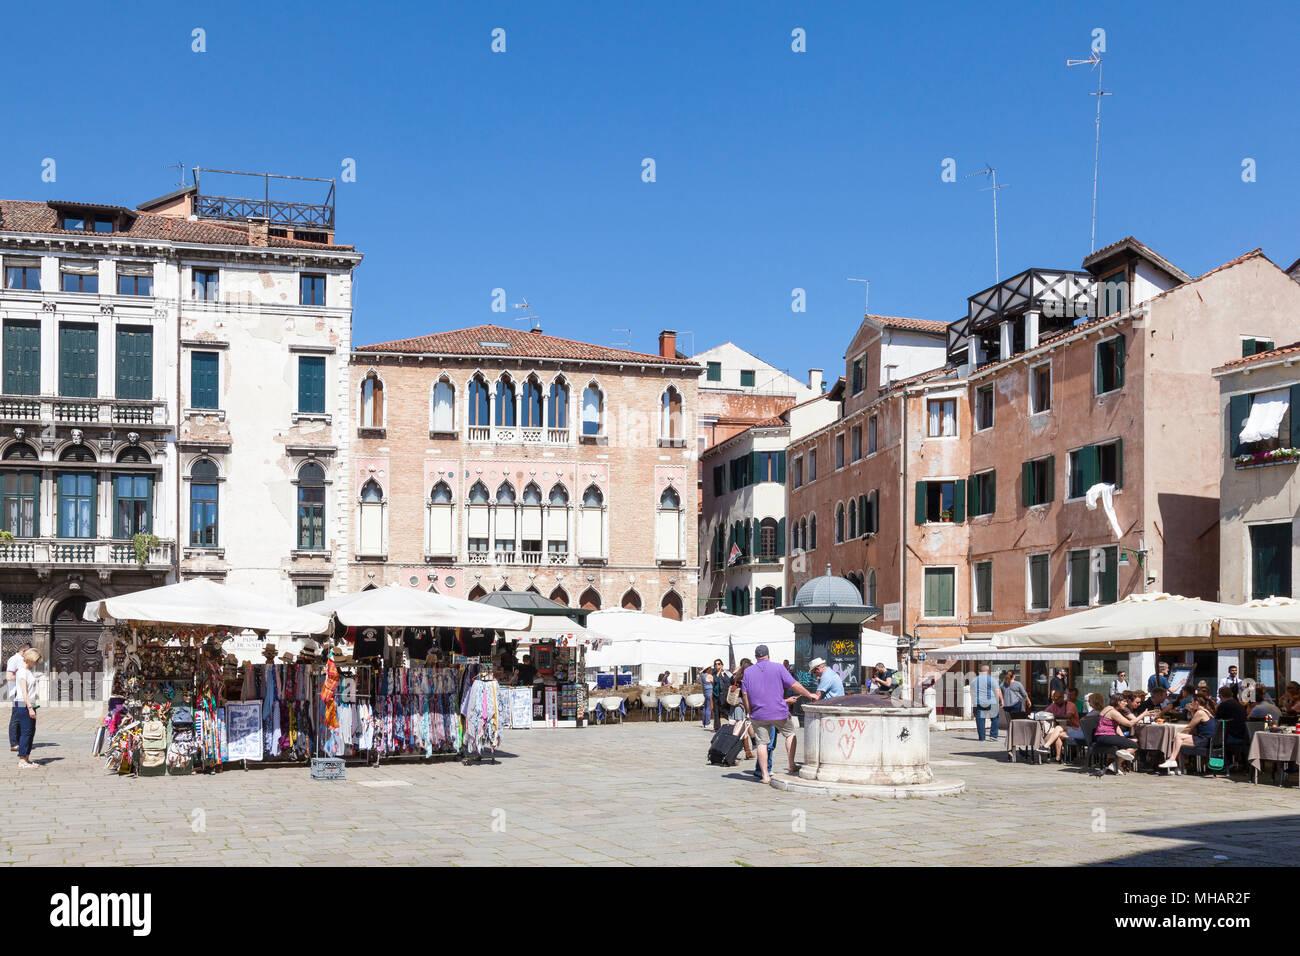 Campo Sant'Anzolo, San Marco, Venise, Vénétie, Italie avec le Palazzo Gritti Morosini (rose) et le Palais Trevisan Pisani (à sa gauche) Banque D'Images